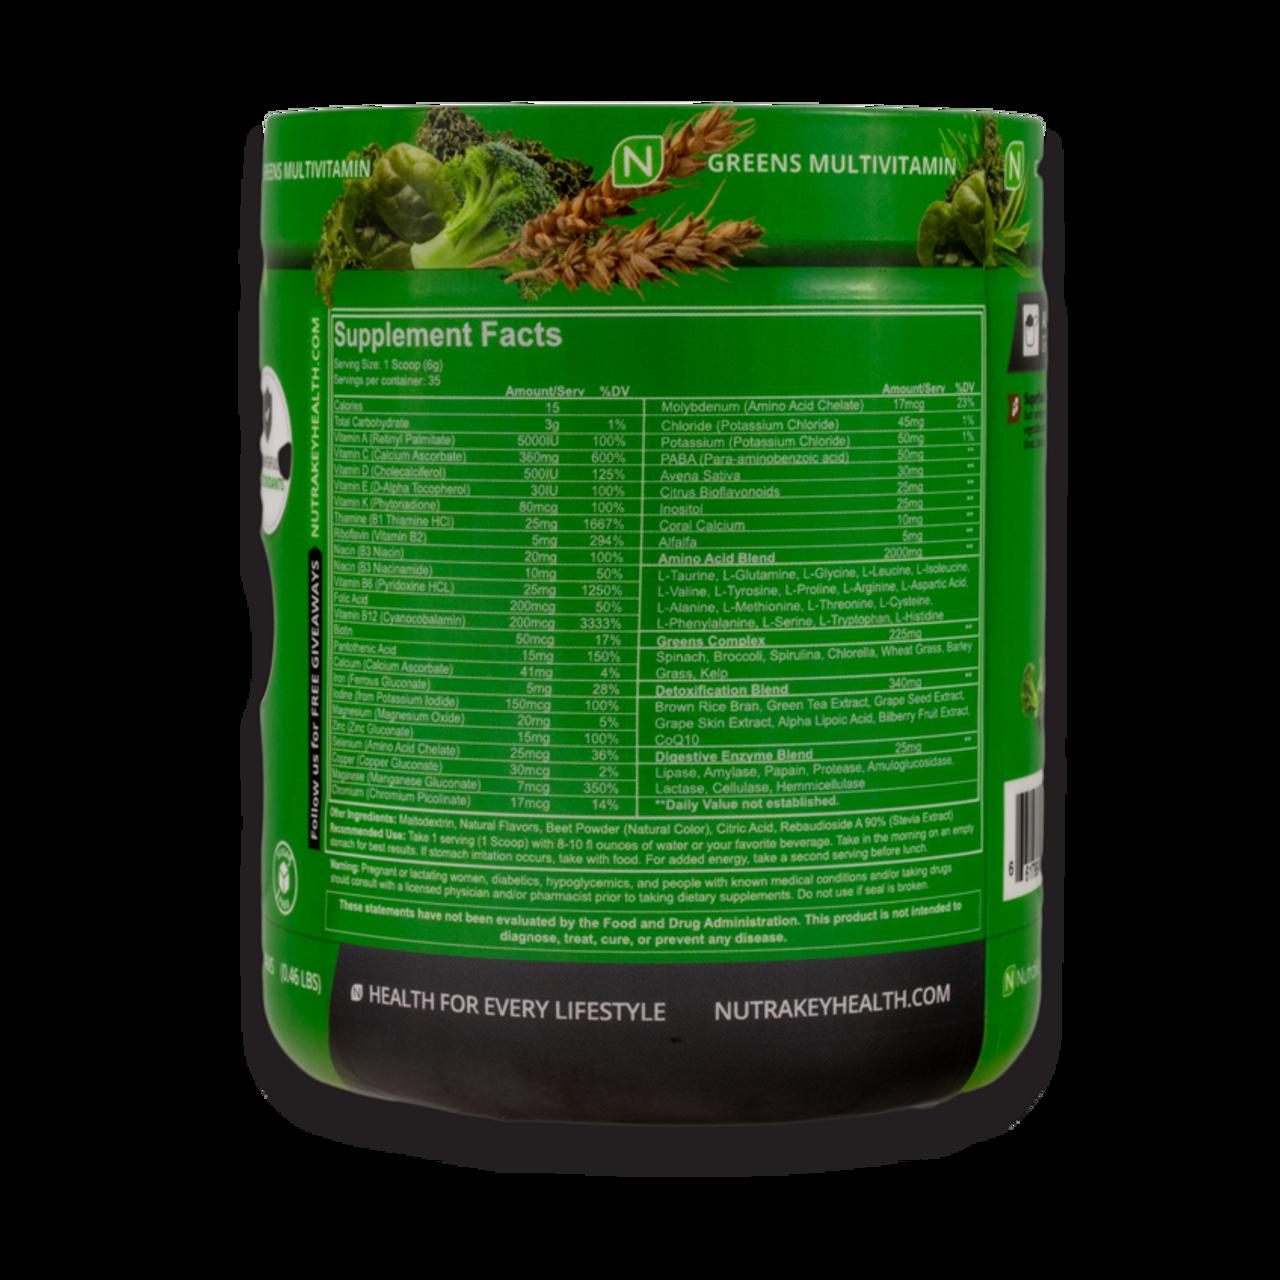 Nutrakey Envie Greens & Multivitamin